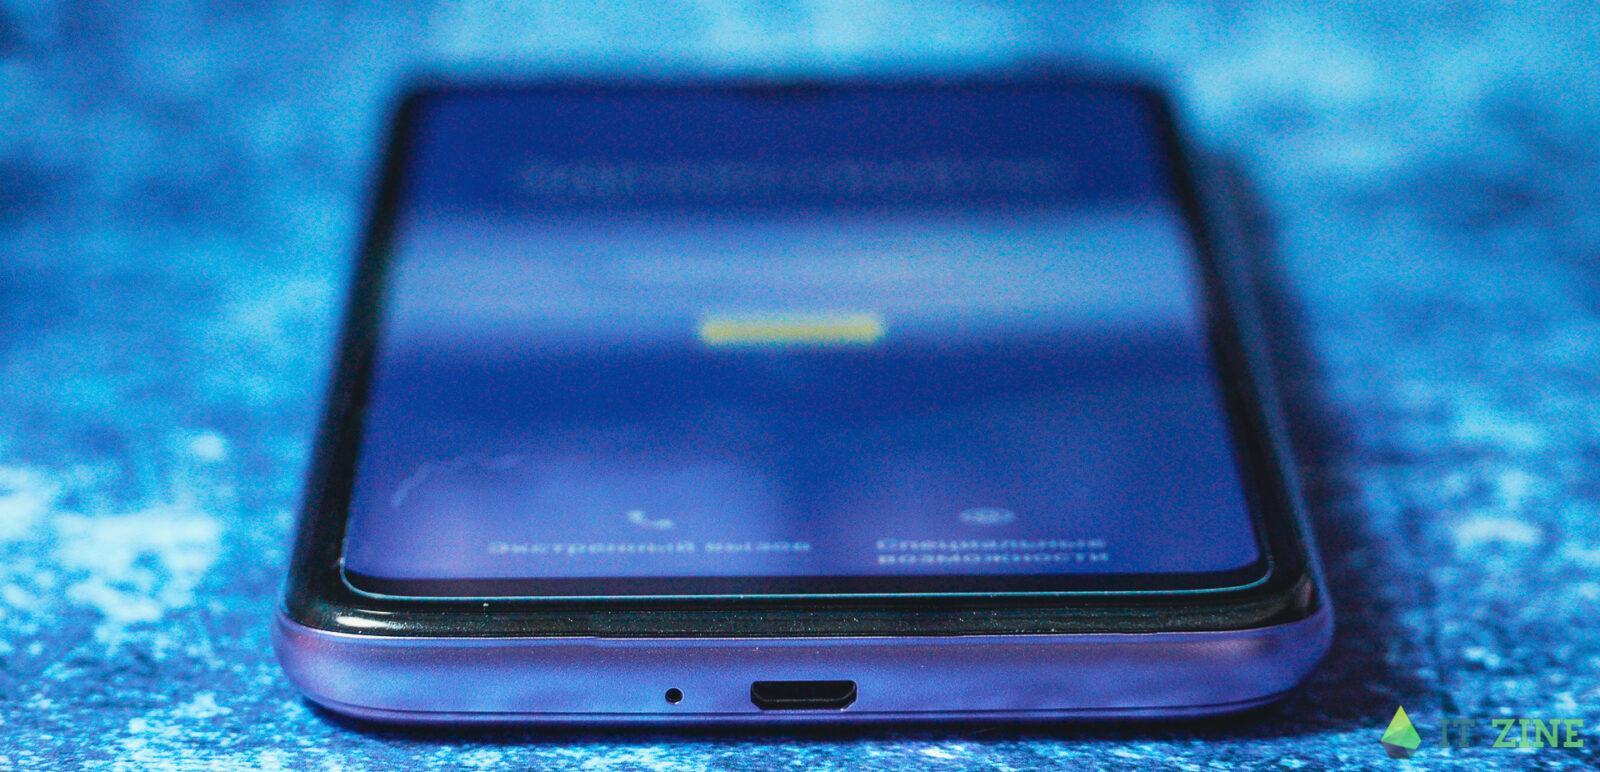 Обзор Itel A48: недорогой смартфон с LTE для школьников (itel A48 05)